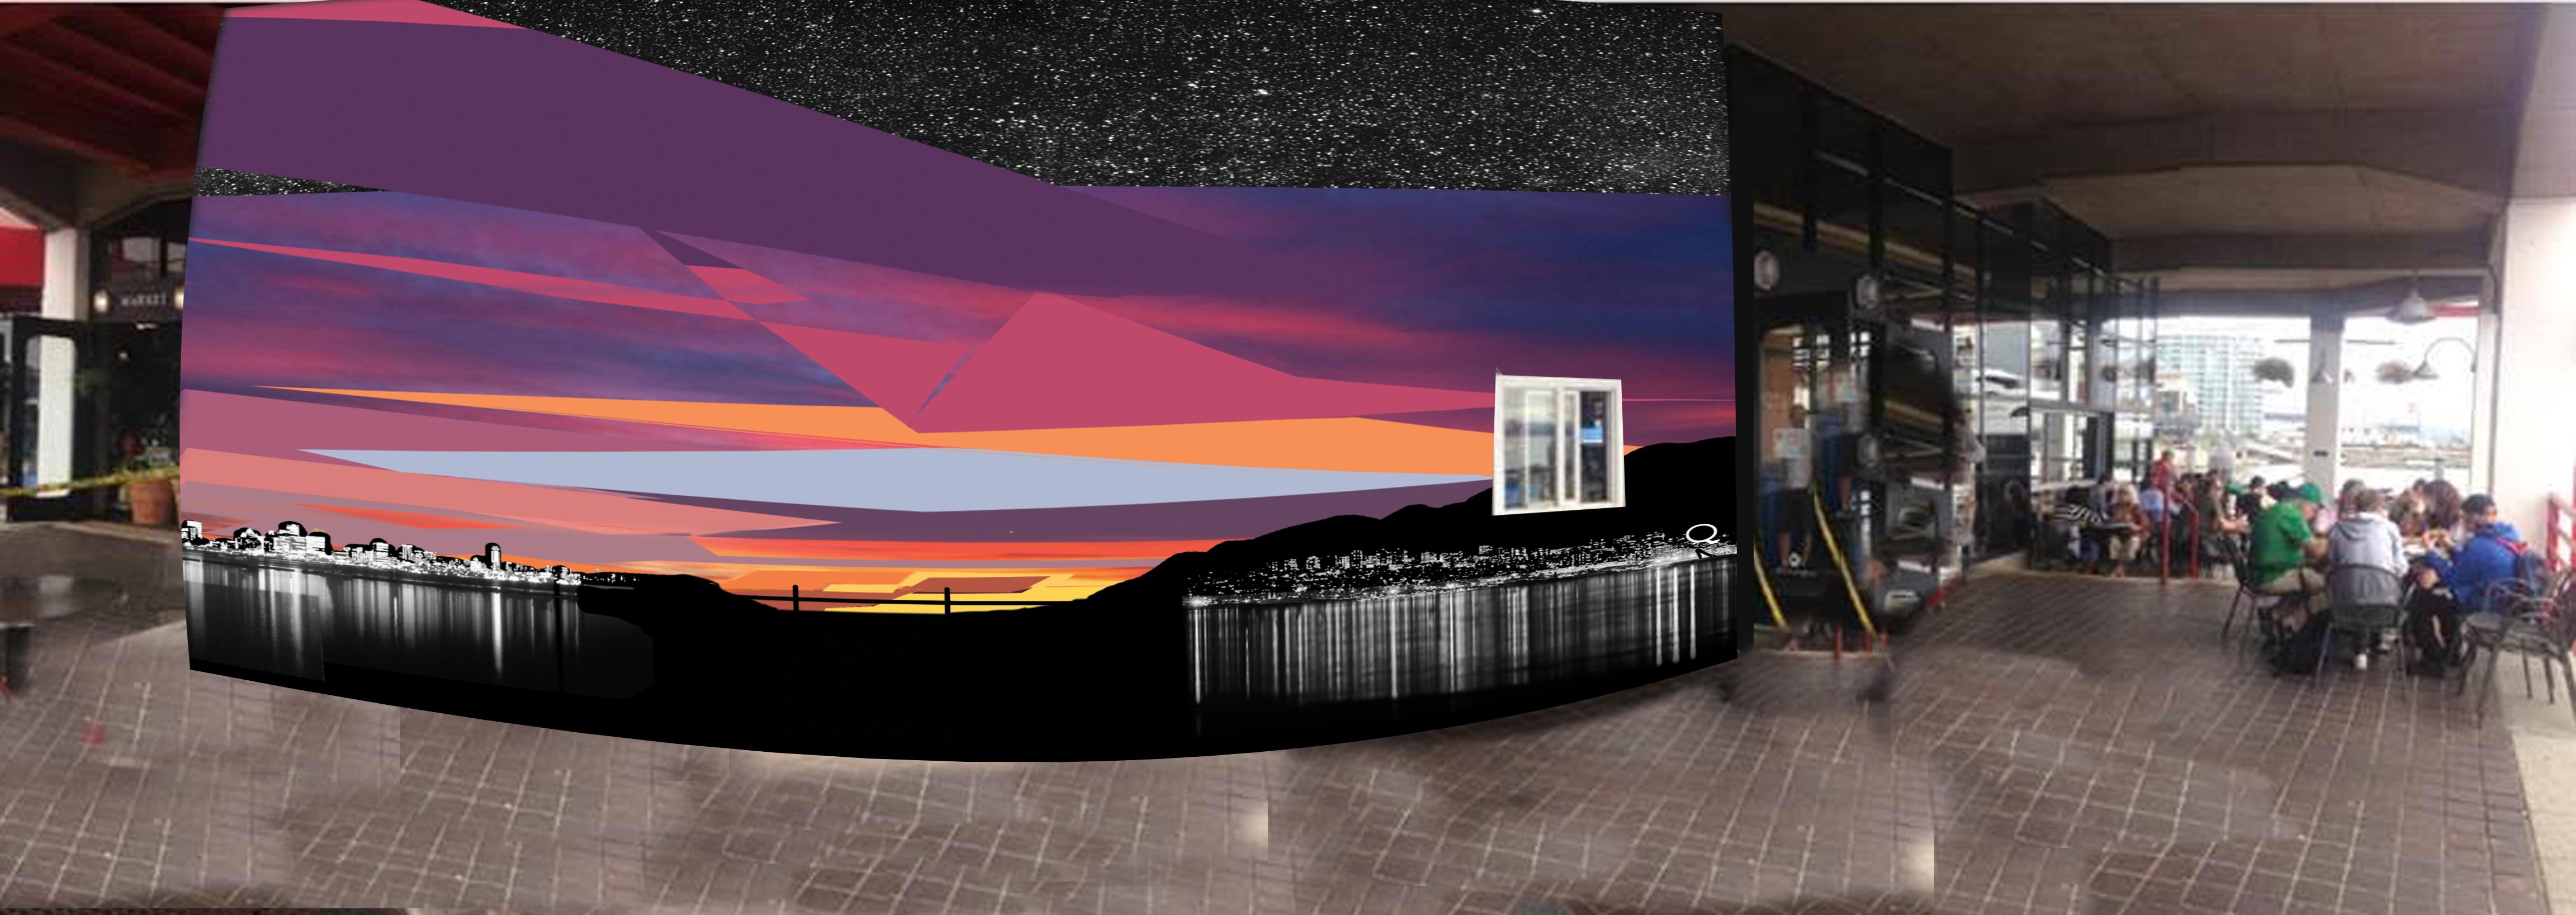 Starlight Mural